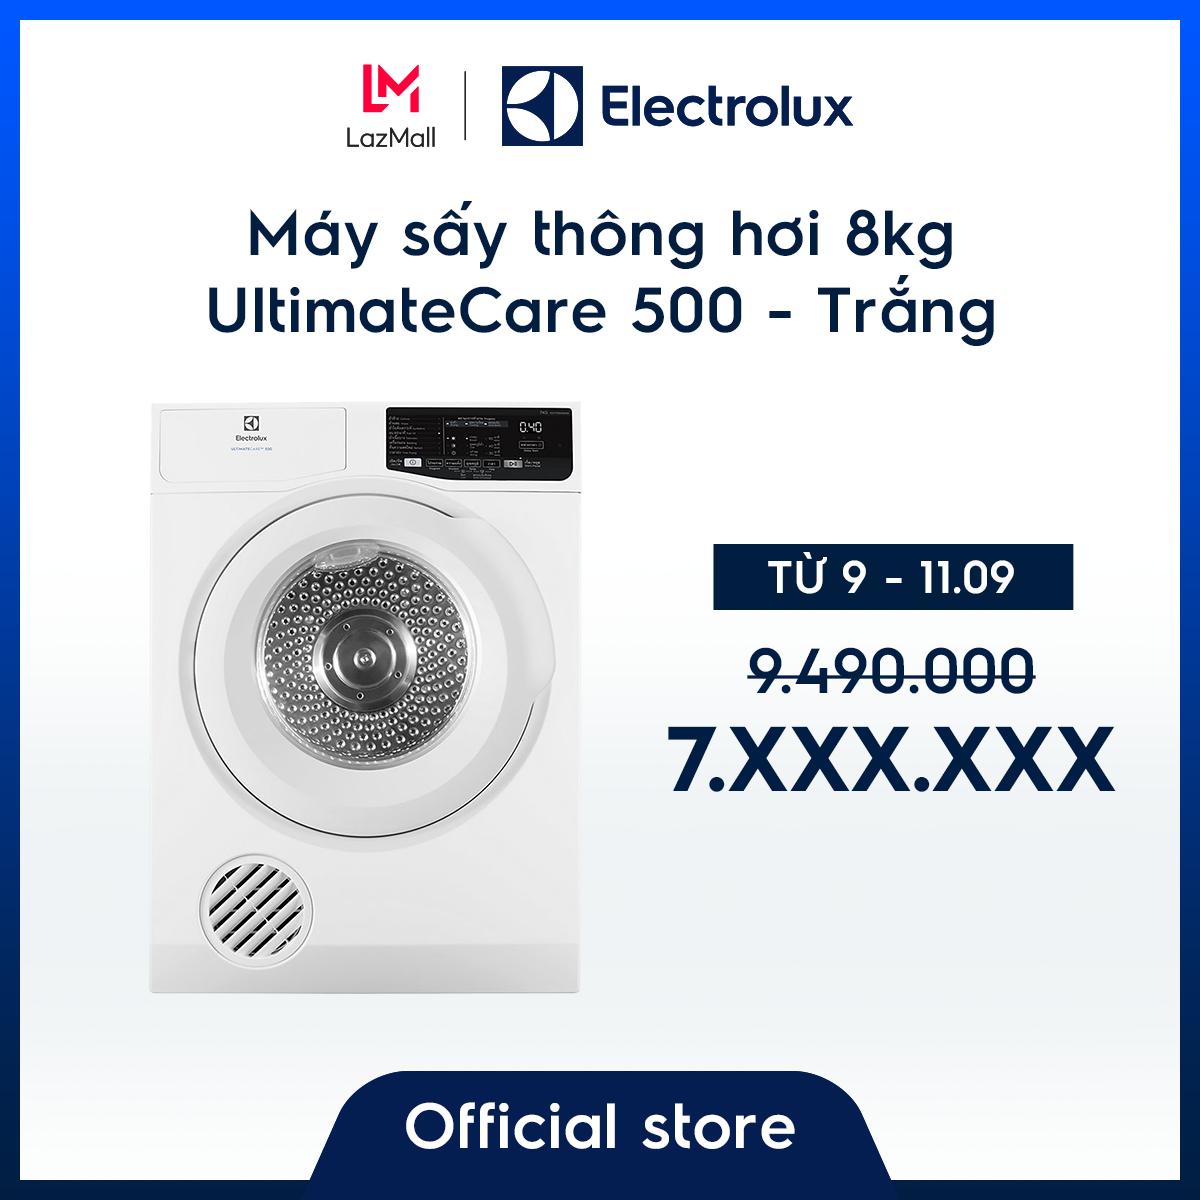 [Miễn phí lắp đặt – Giao hàng HCM & HN] Máy sấy Electrolux thông hơi 8kg UltimateCare 500 EDV805JQWA – Màu trắng – Thiết kế sang trọng – Công nghệ sấy đảo chiều – Giữ màu sắc yêu thích – Hàng chính hãng